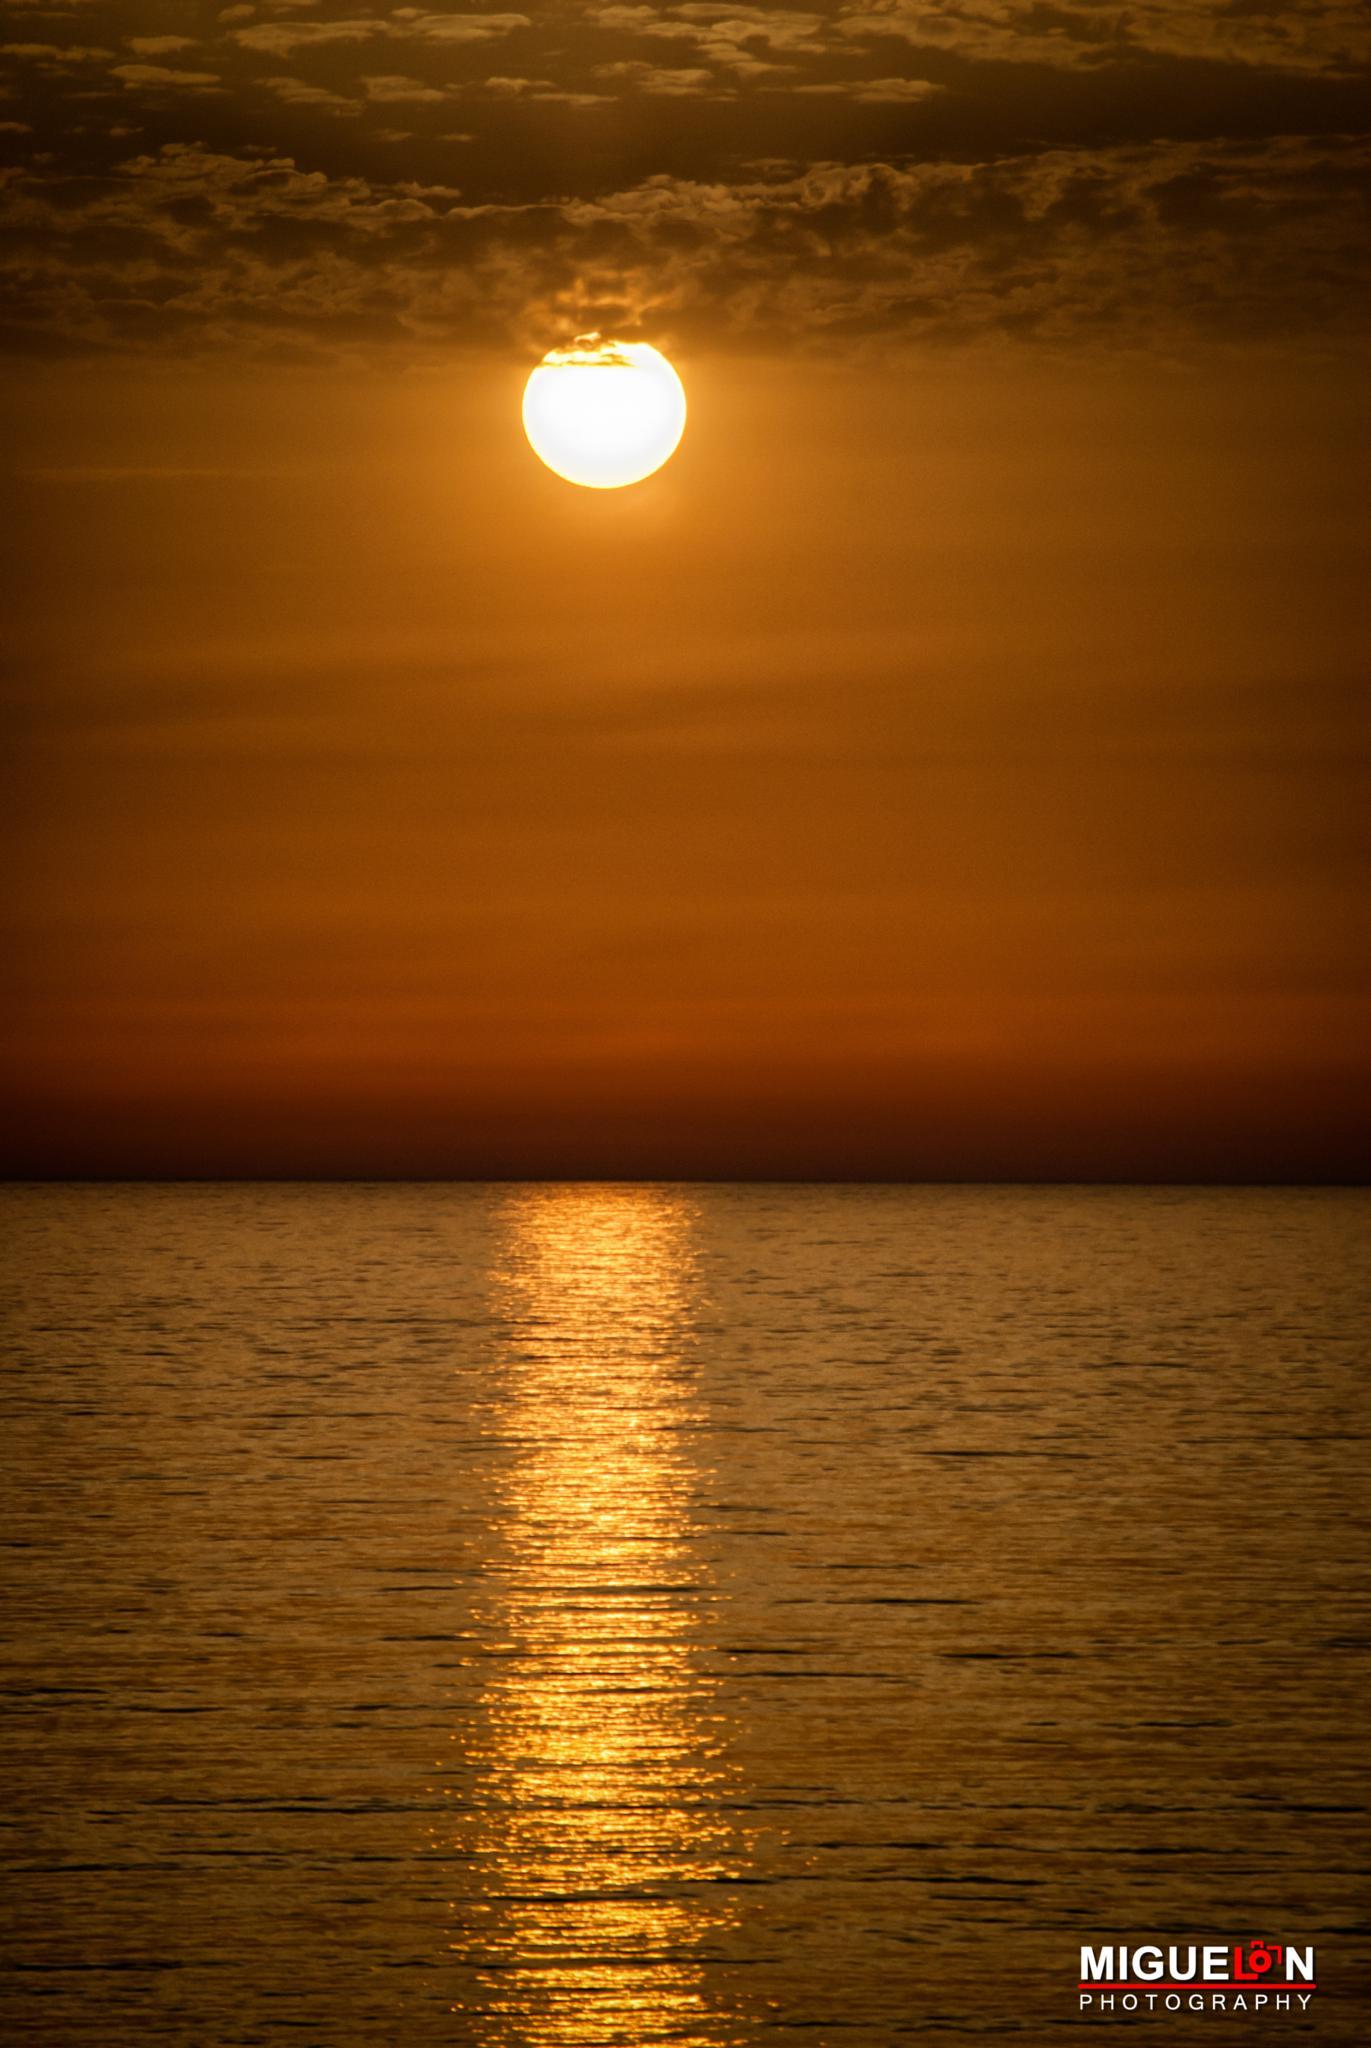 El sol y el mar. - Playa de la Barrosa - Cádiz by MiguelOnPhotography